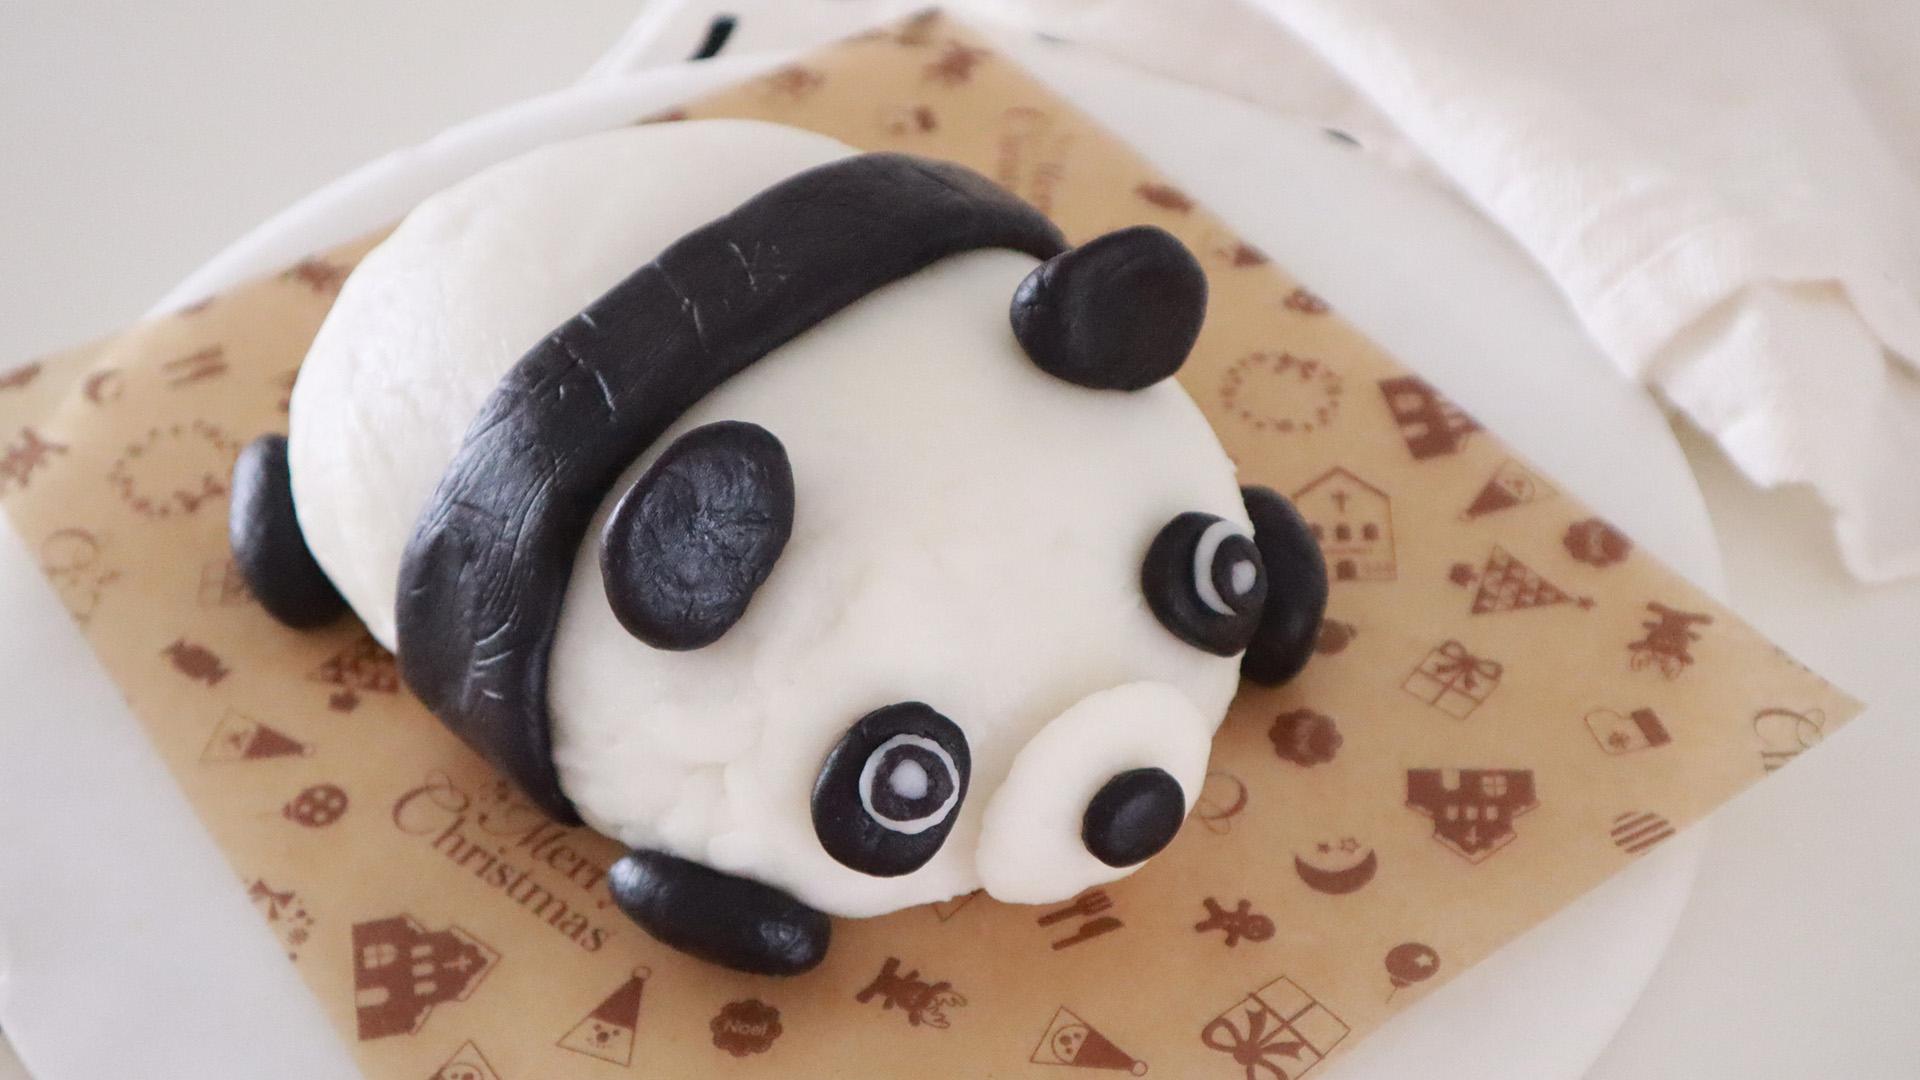 2斤半超大一个的超可爱熊猫冰皮月饼,中秋节独一无二的礼物